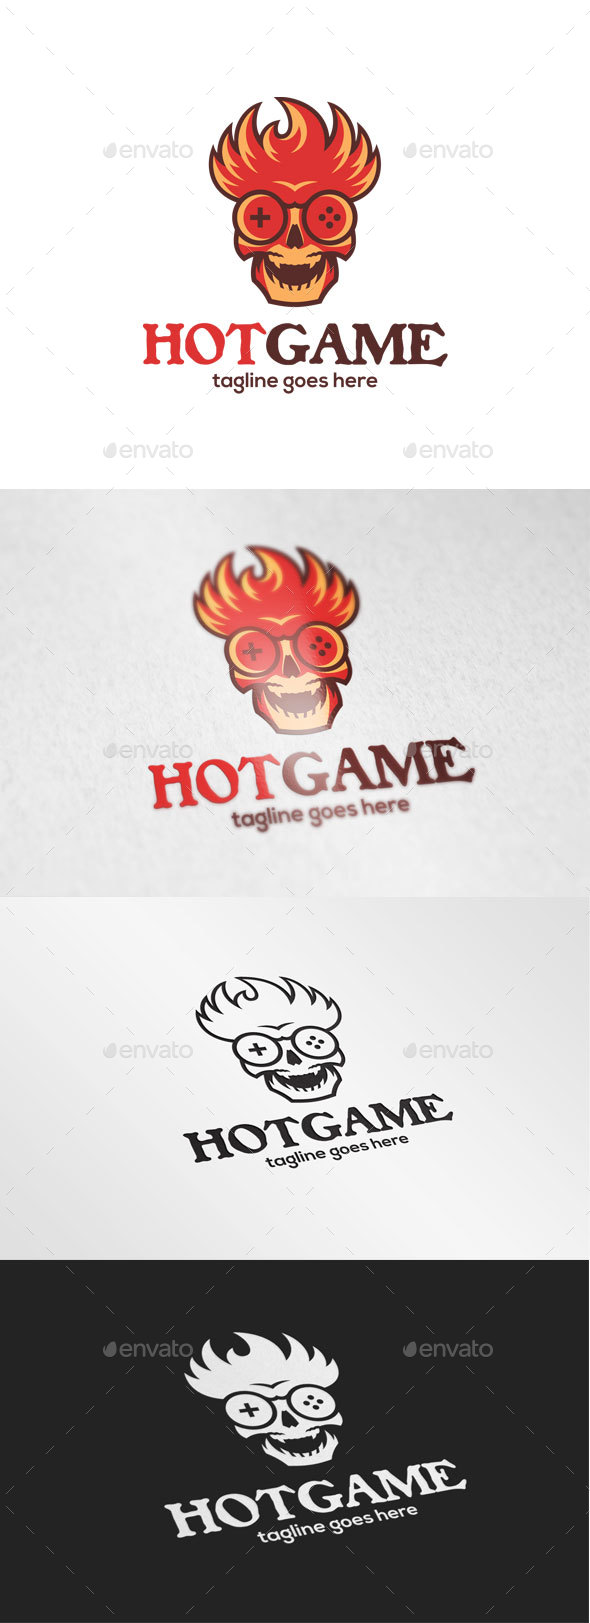 Fire Skull Game Logo